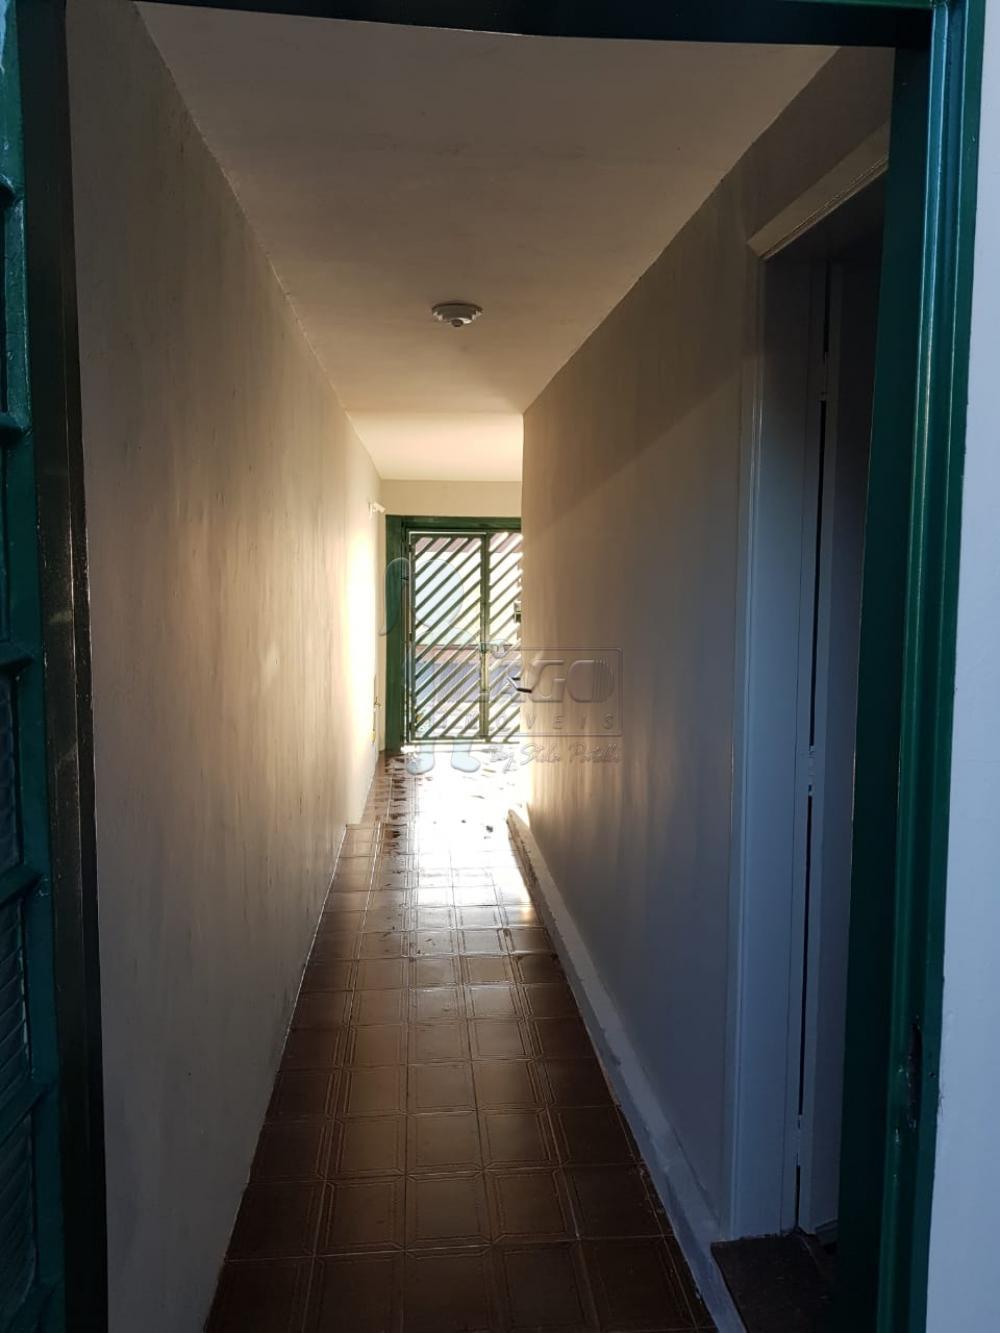 Comprar Casas / Padrão em Ribeirão Preto apenas R$ 270.000,00 - Foto 2